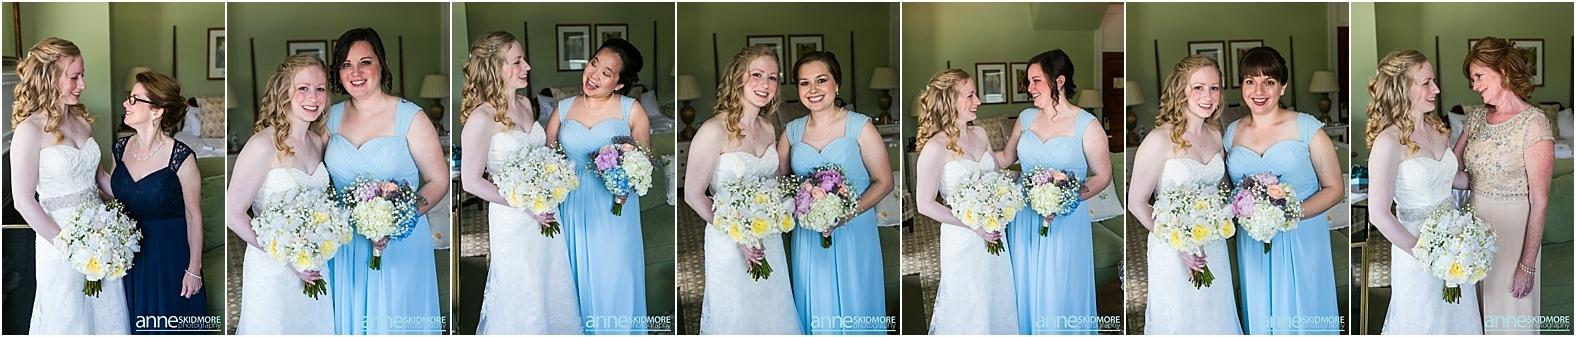 Mount_Washington_Hotel_Wedding_0014